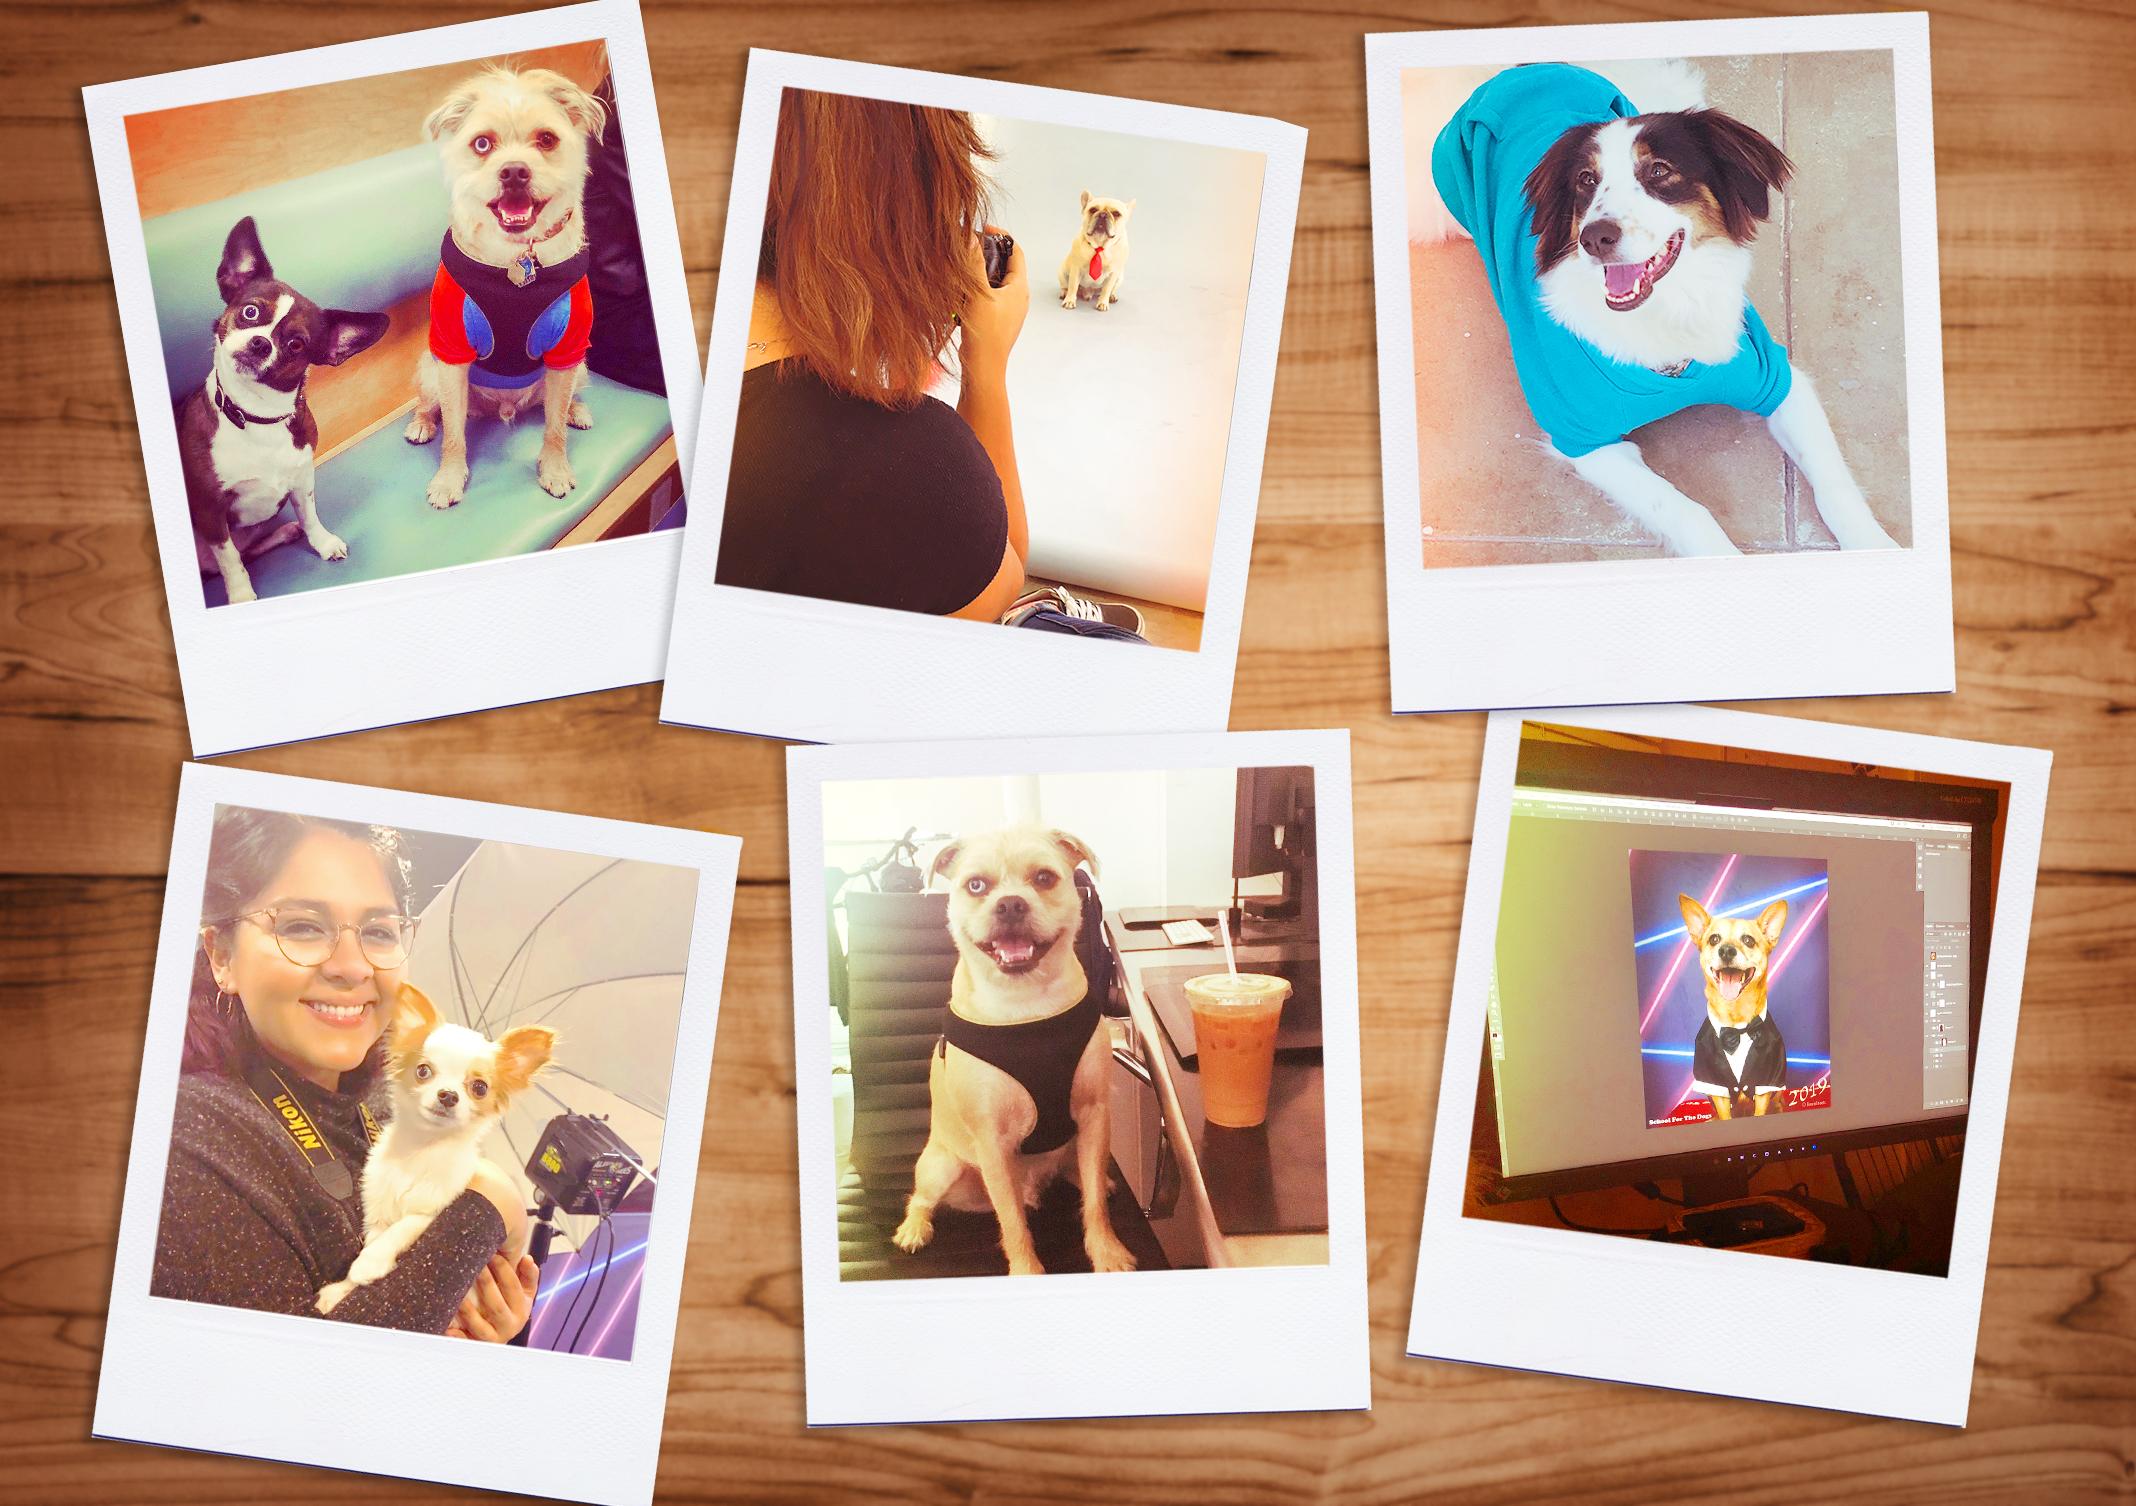 Polaroid-wallpaper-12.jpg